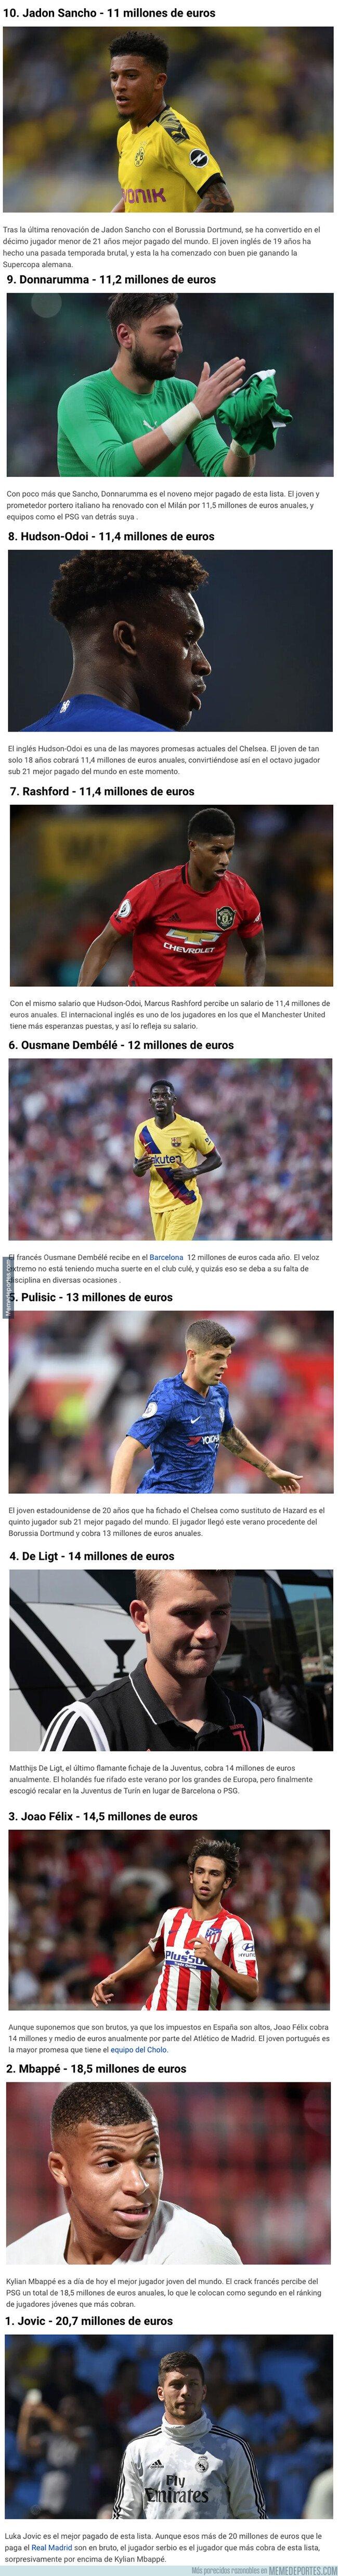 1083997 - Este es el salario de los 10 jugadores jóvenes mejor pagados del mundo